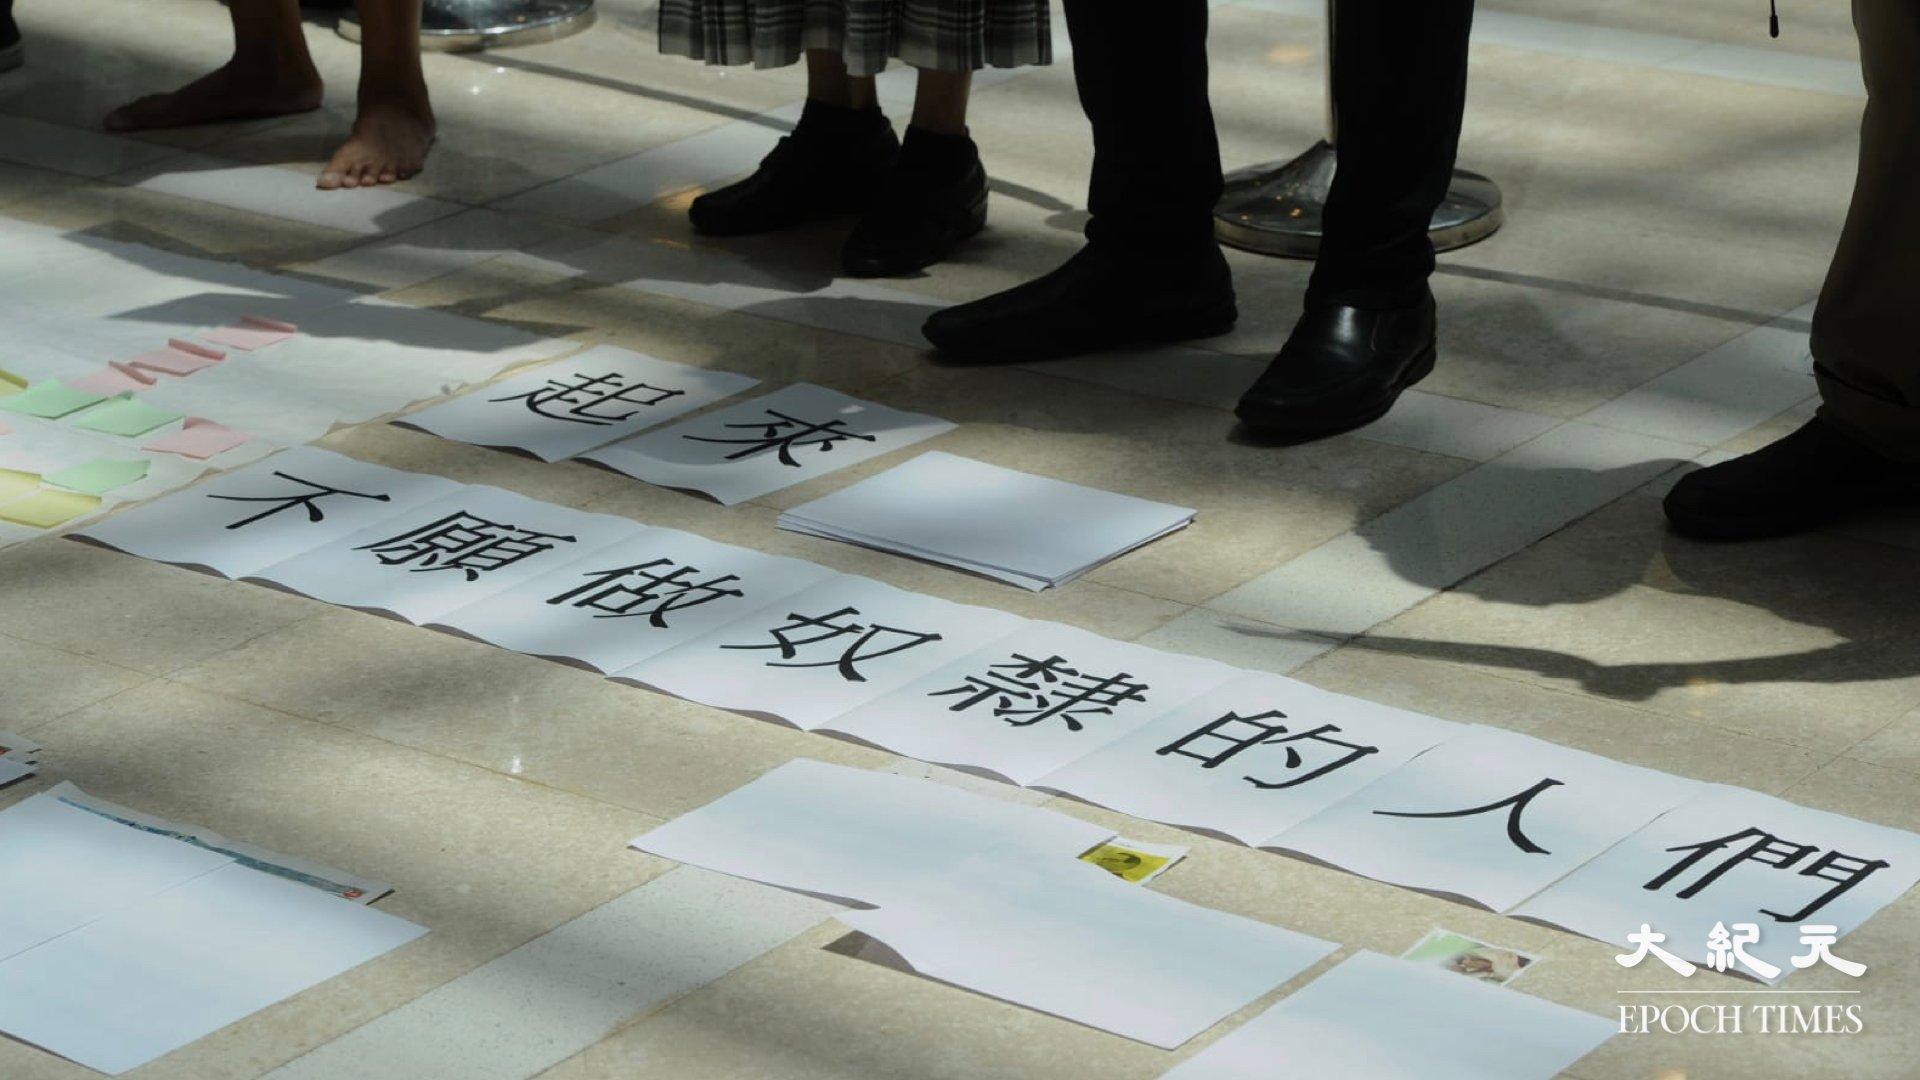 政府不讓提「光復香港,時代革命」的字眼,抗爭者就換個說法,同樣意味深長。(宋碧龍 / 大紀元)